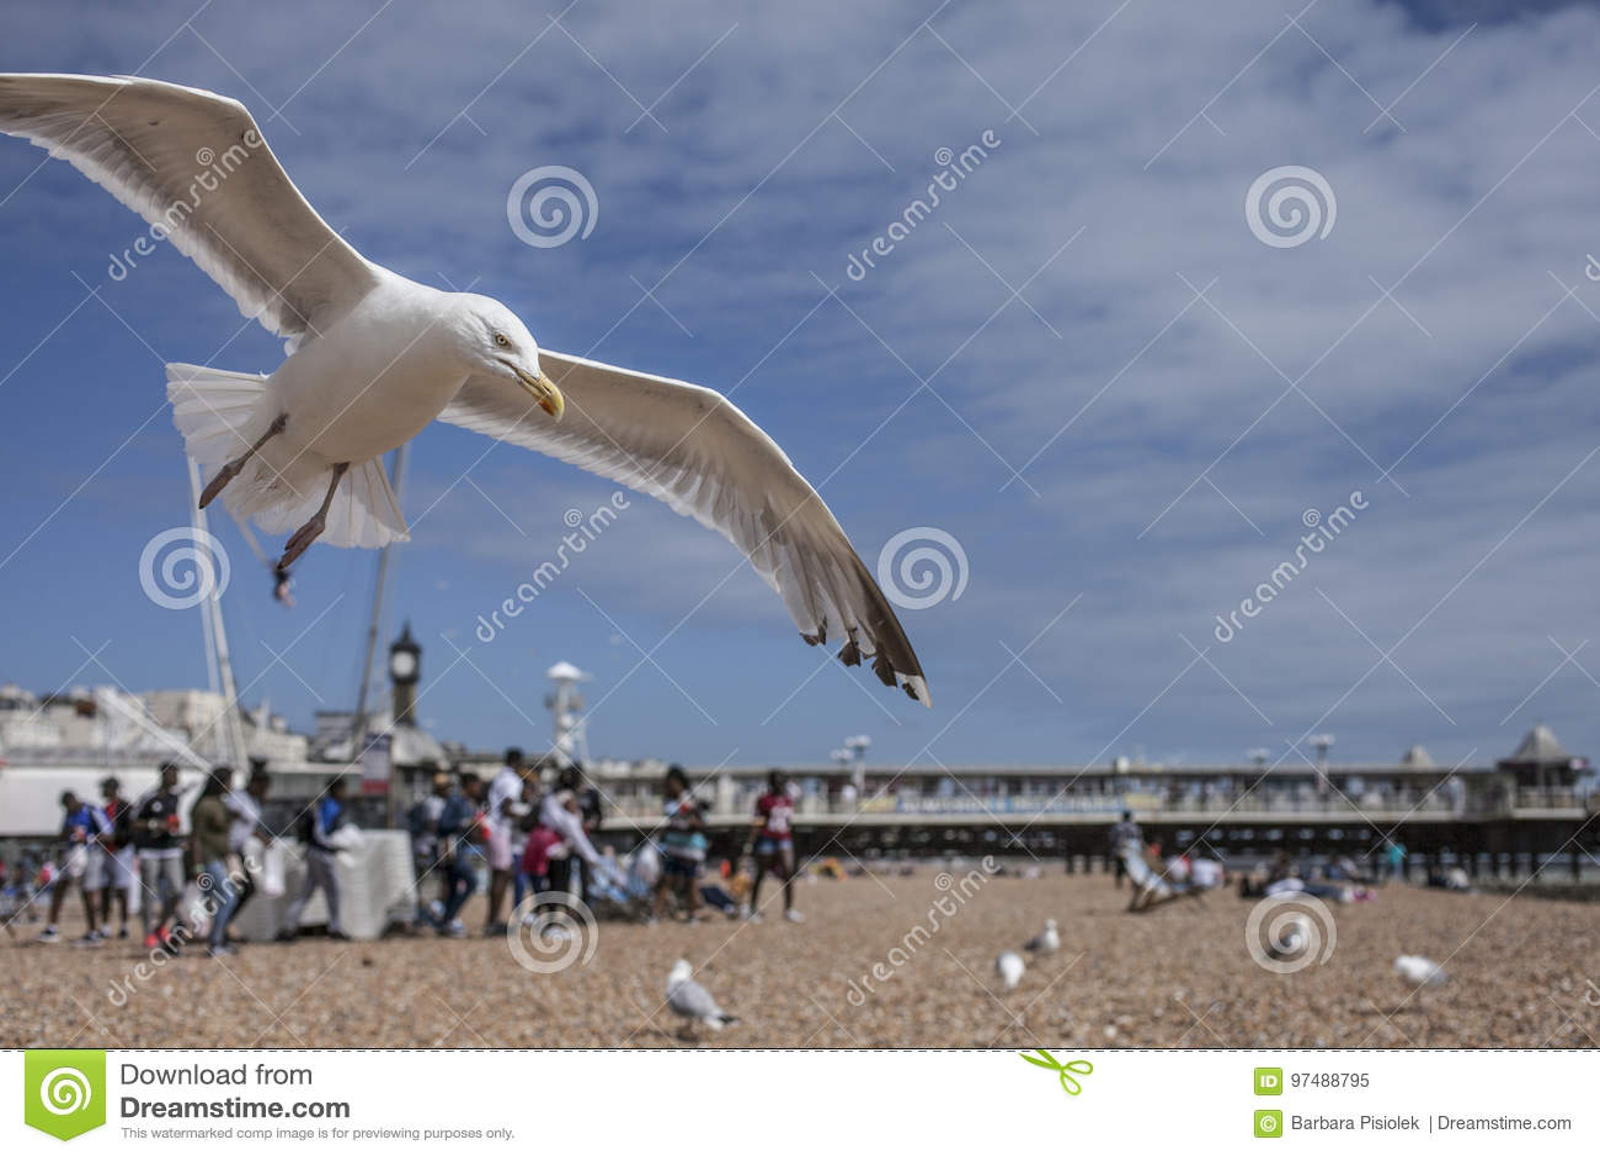 Brighton, beach, seagulls.